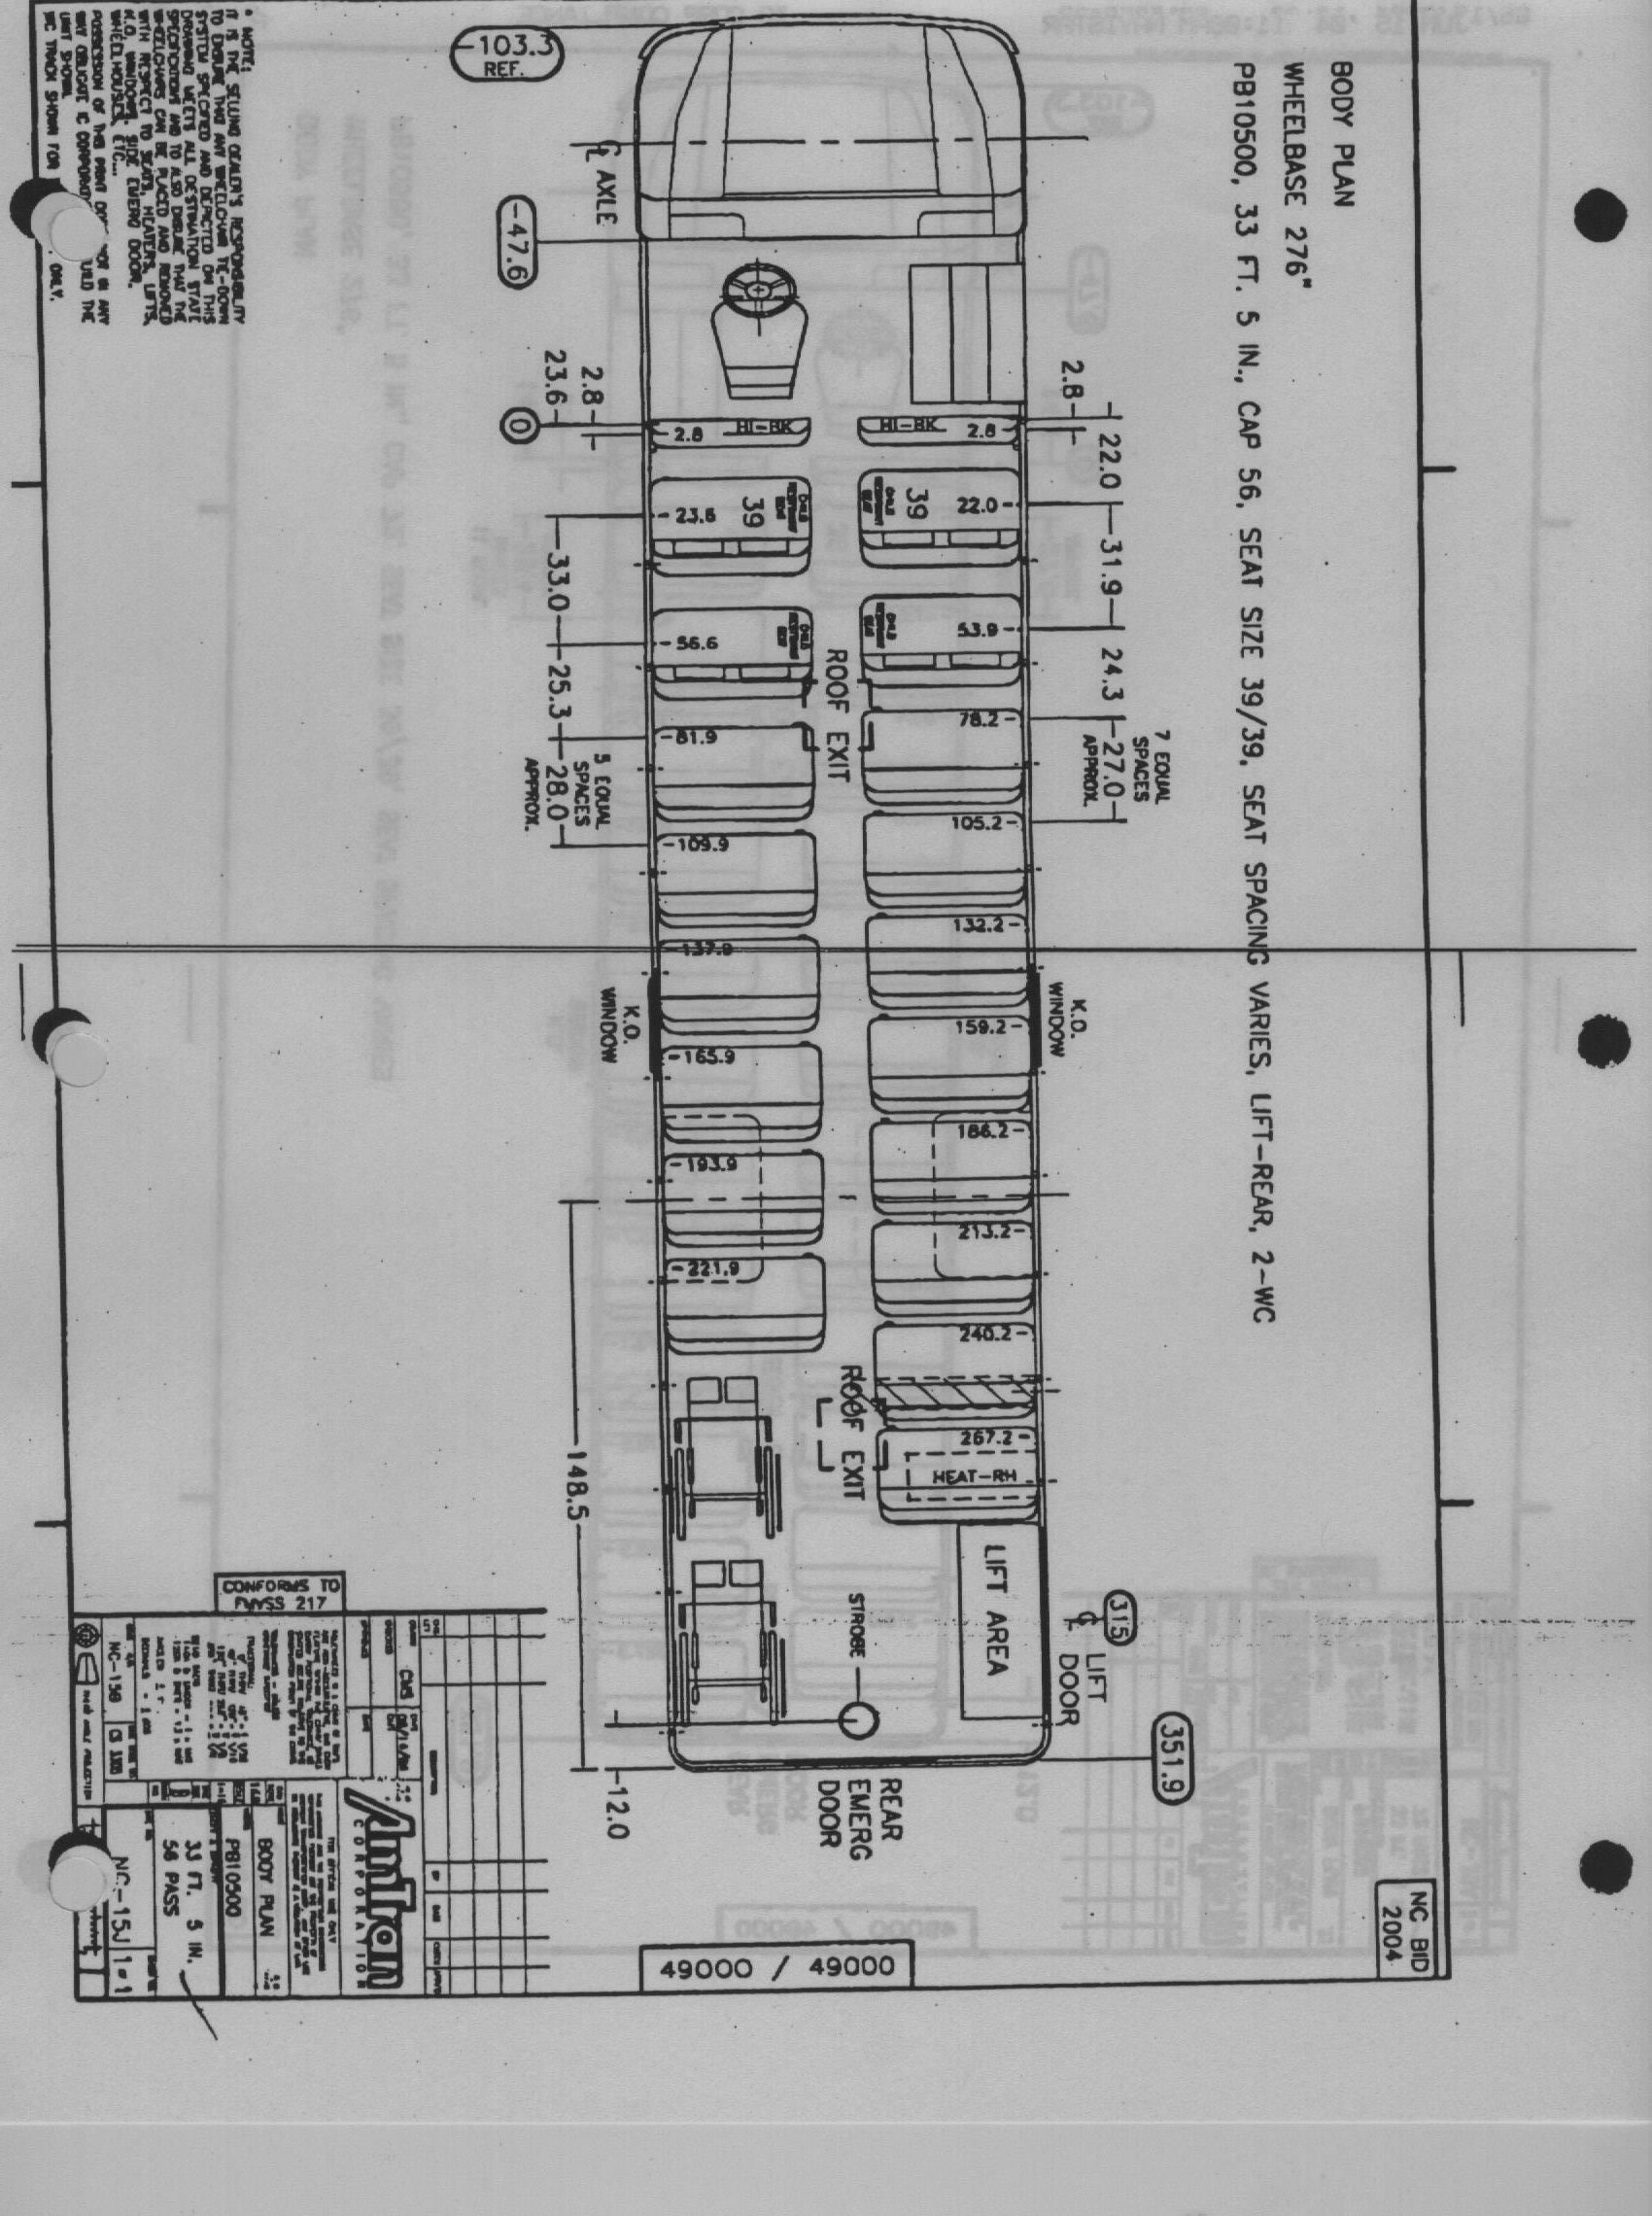 2005 international school bus wiring diagrams